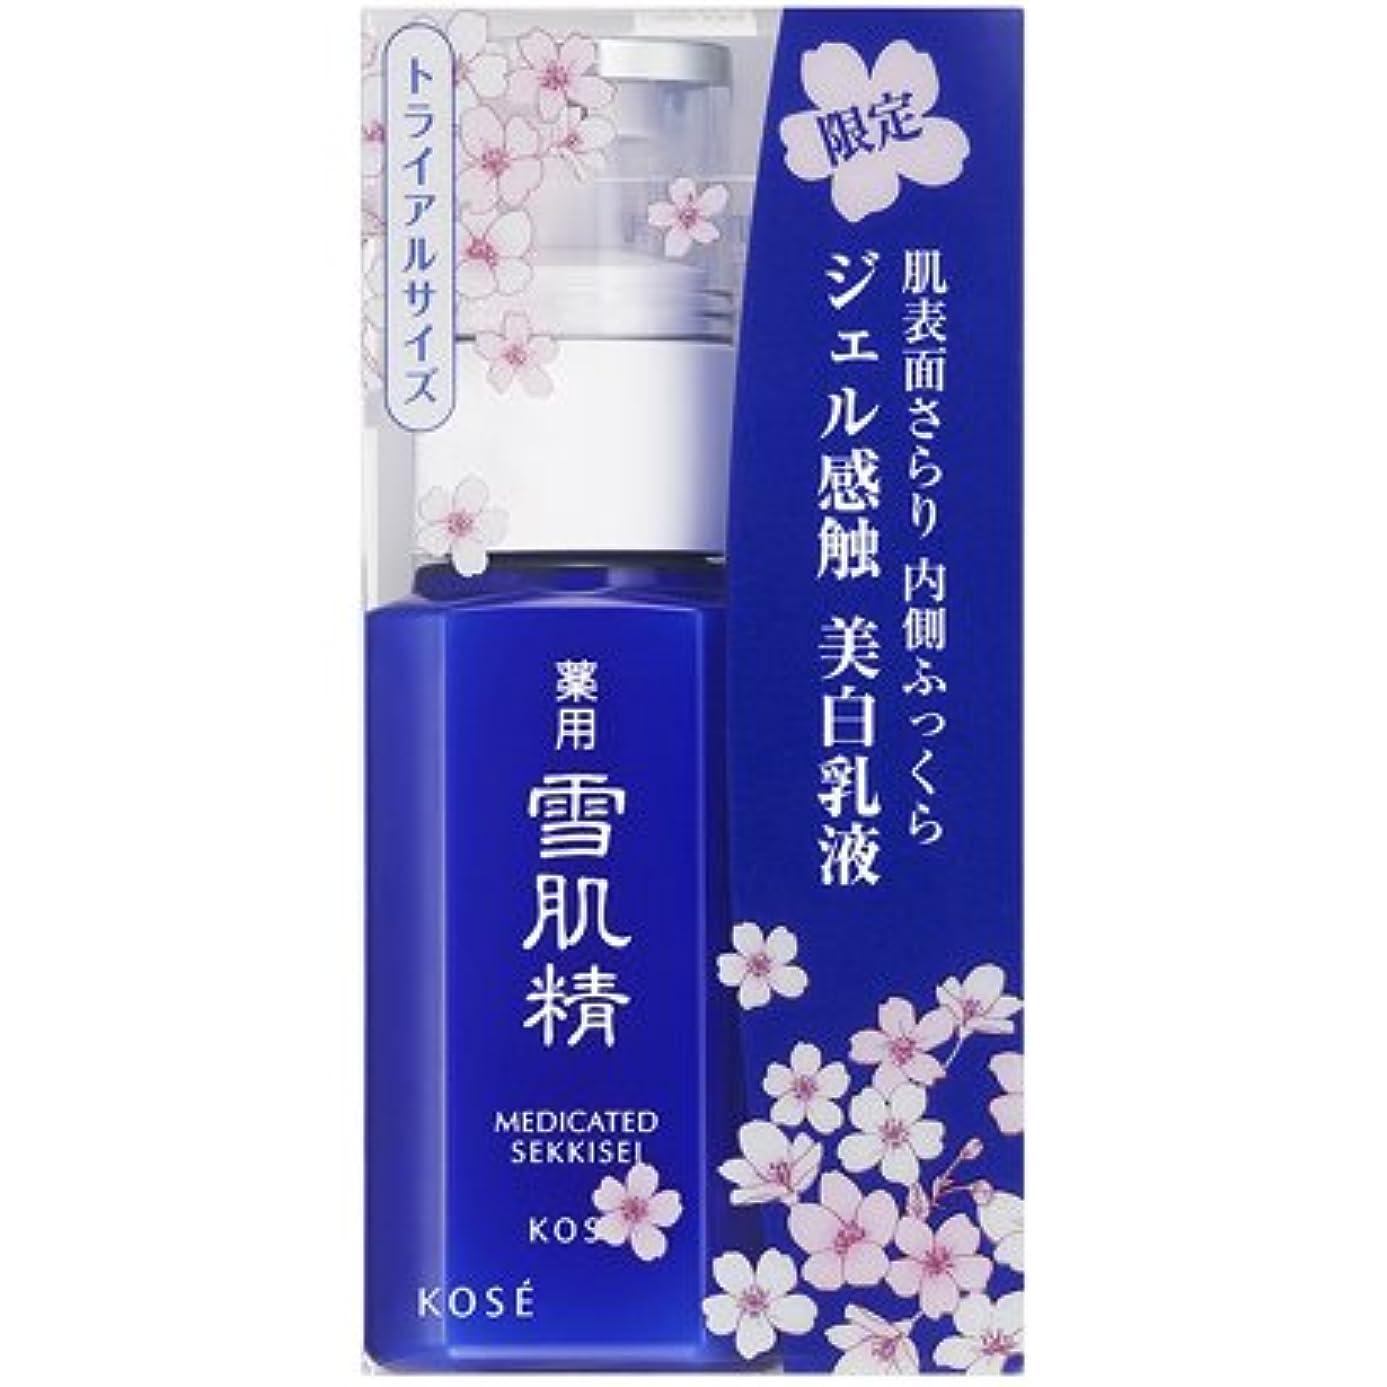 埋め込む代わりの深遠コーセー 薬用 雪肌精 乳液(ハーフサイズ) 【桜】 70mL